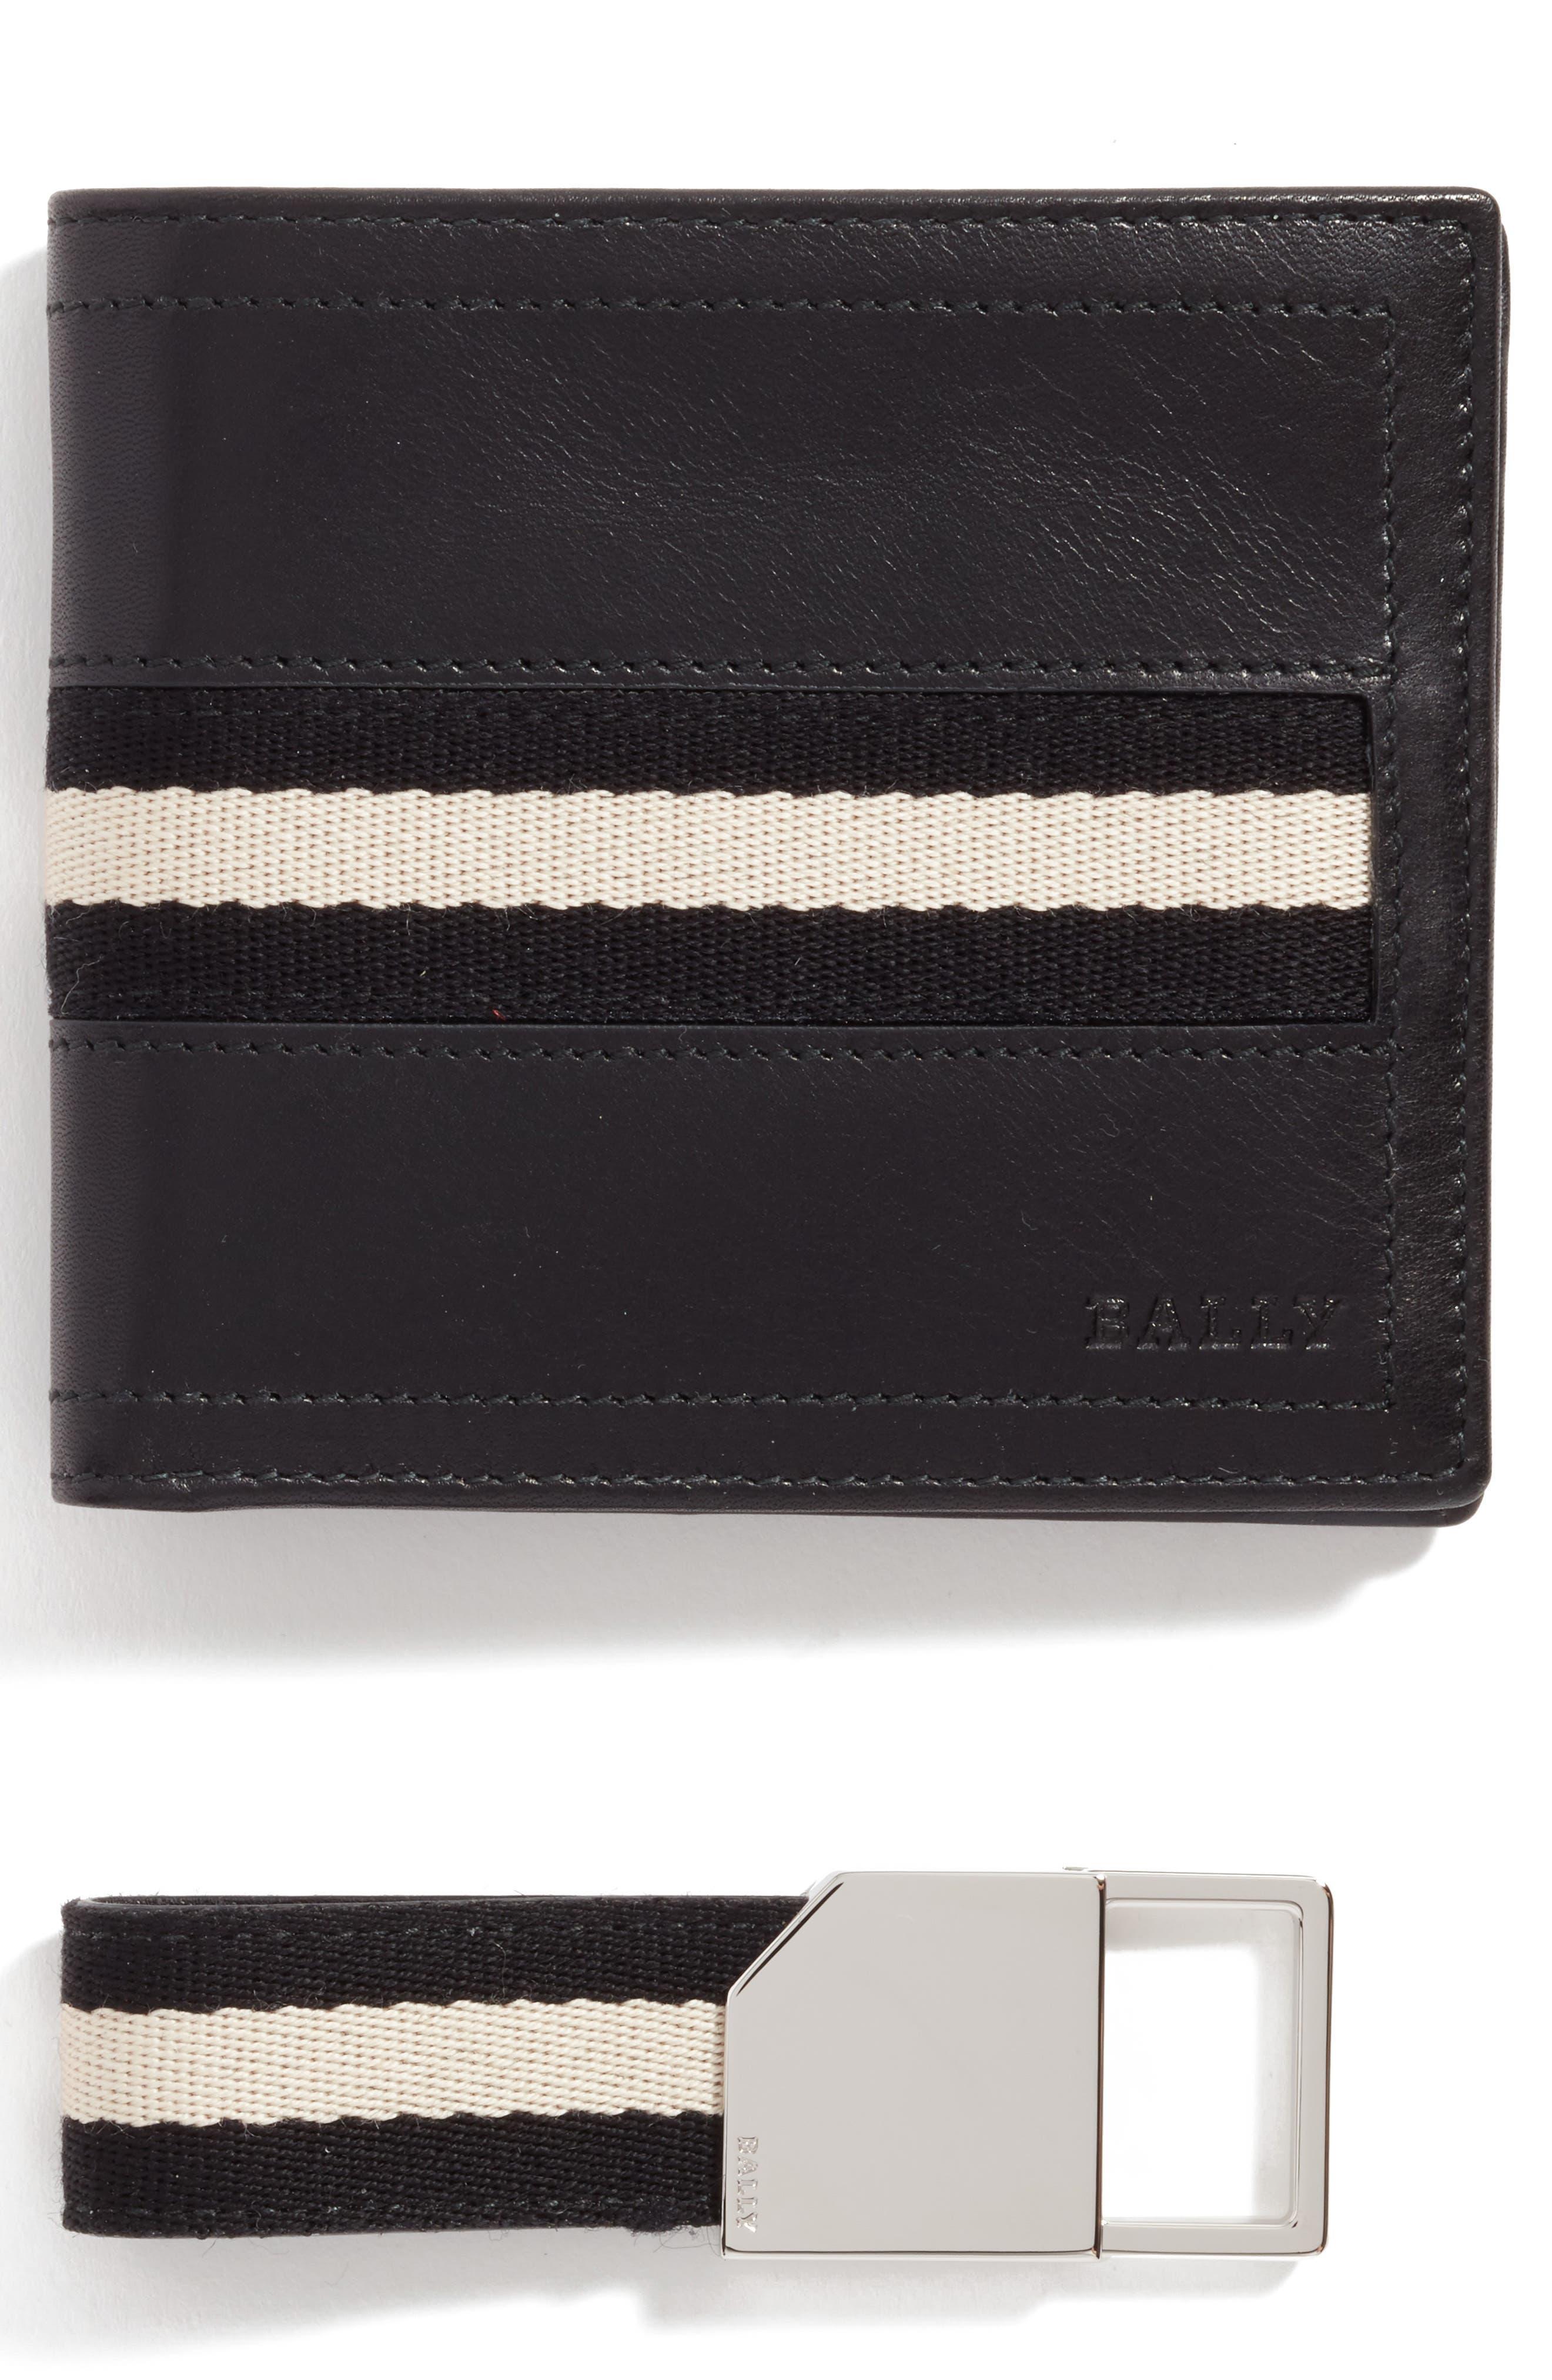 Leather Wallet and Belt Gift Set,                         Main,                         color, Black